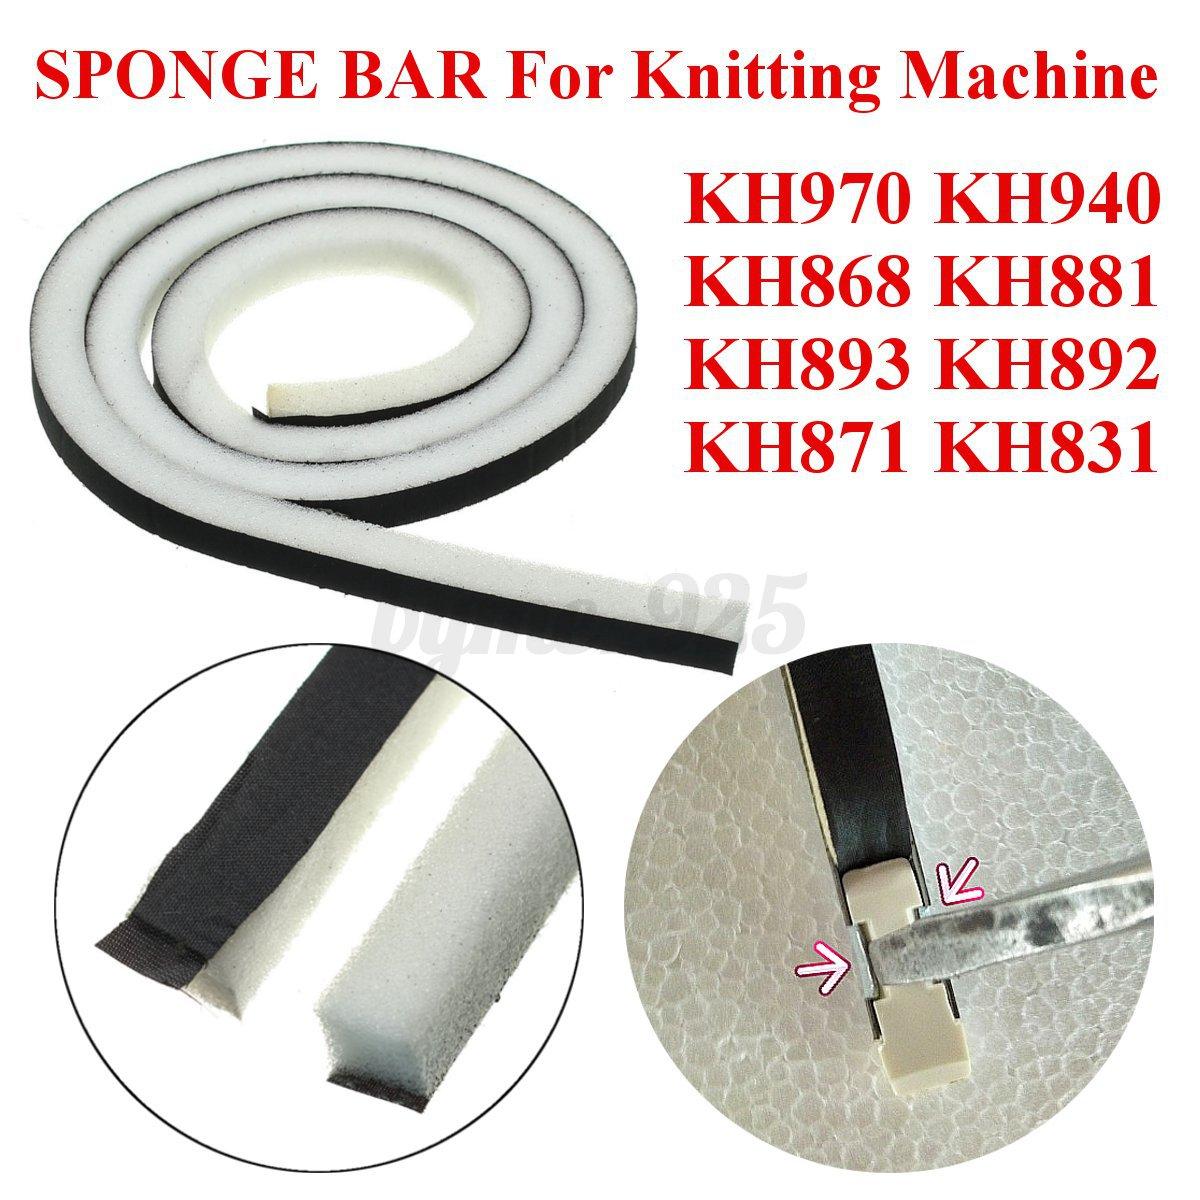 sponge bar for knitting machine